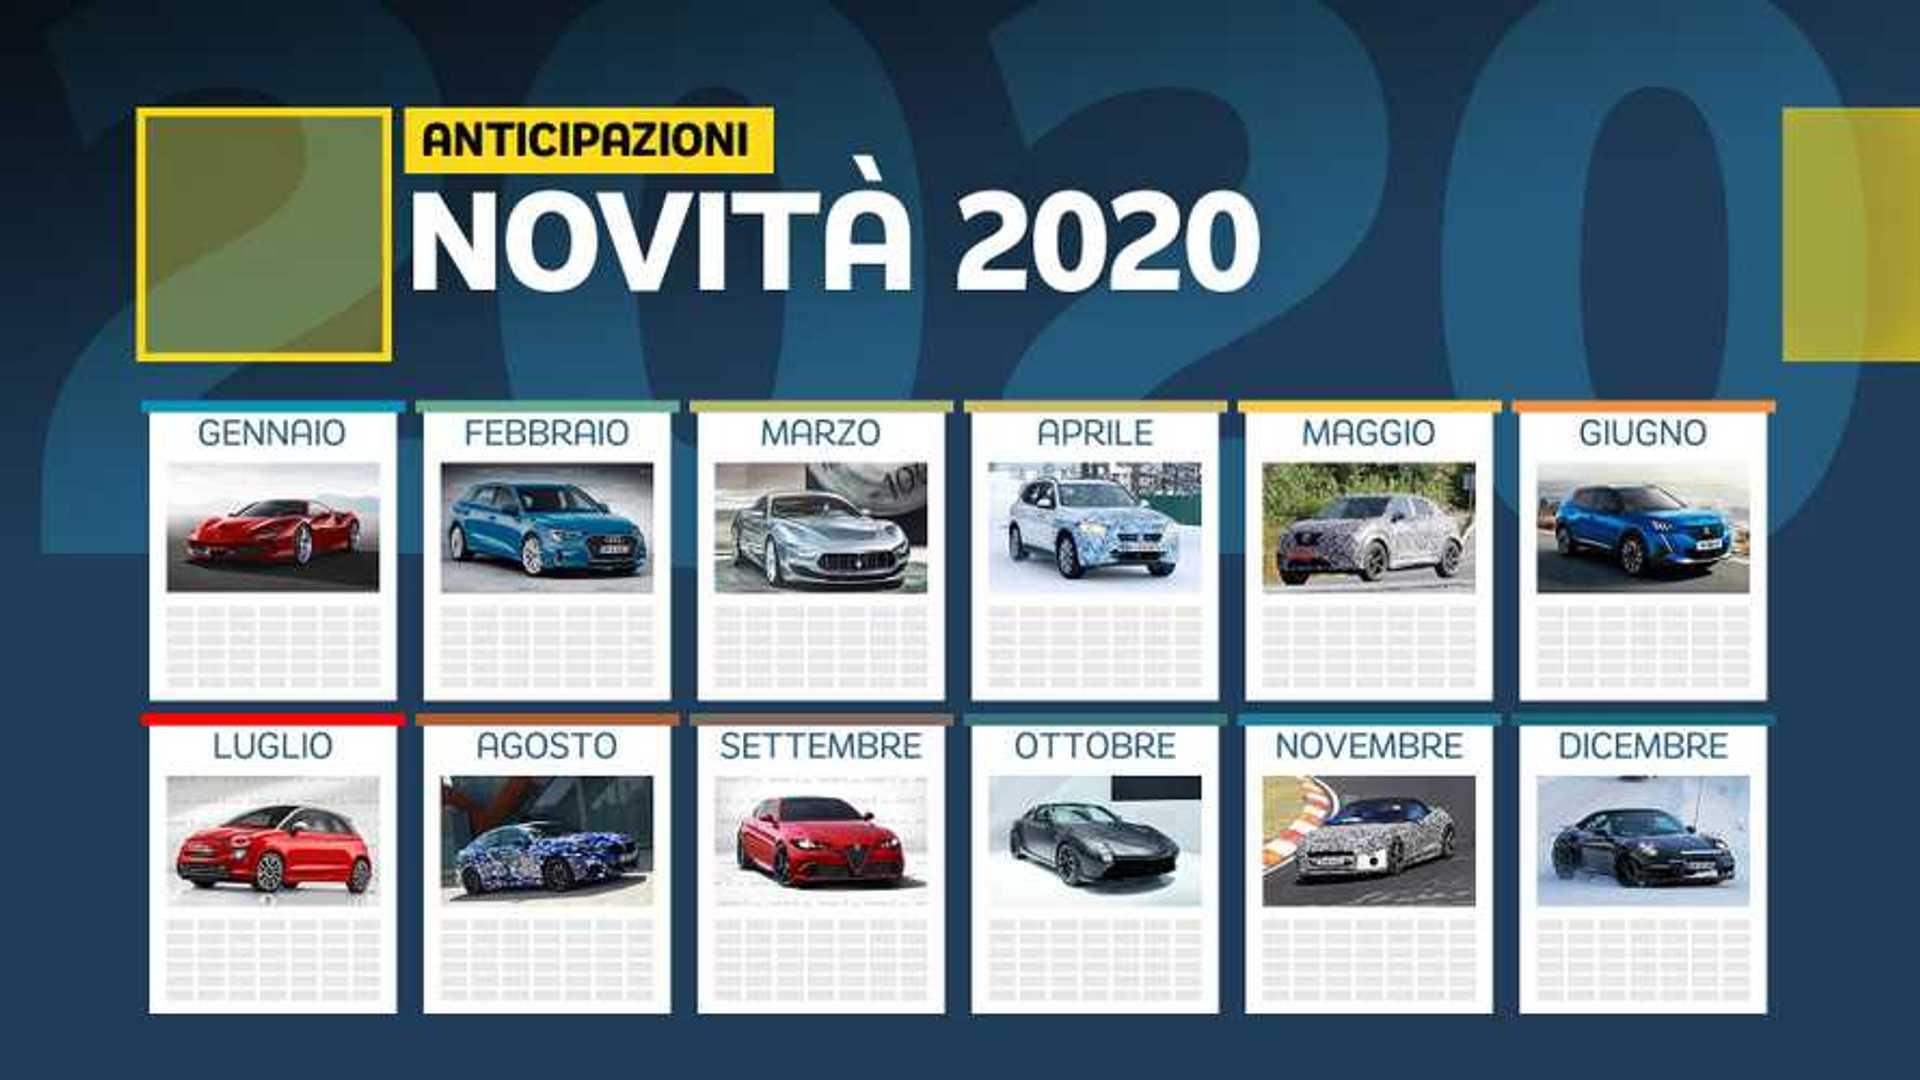 Calendario Gennaio 2020.Novita Auto 2020 Il Calendario Di Tutti I Modelli In Arrivo